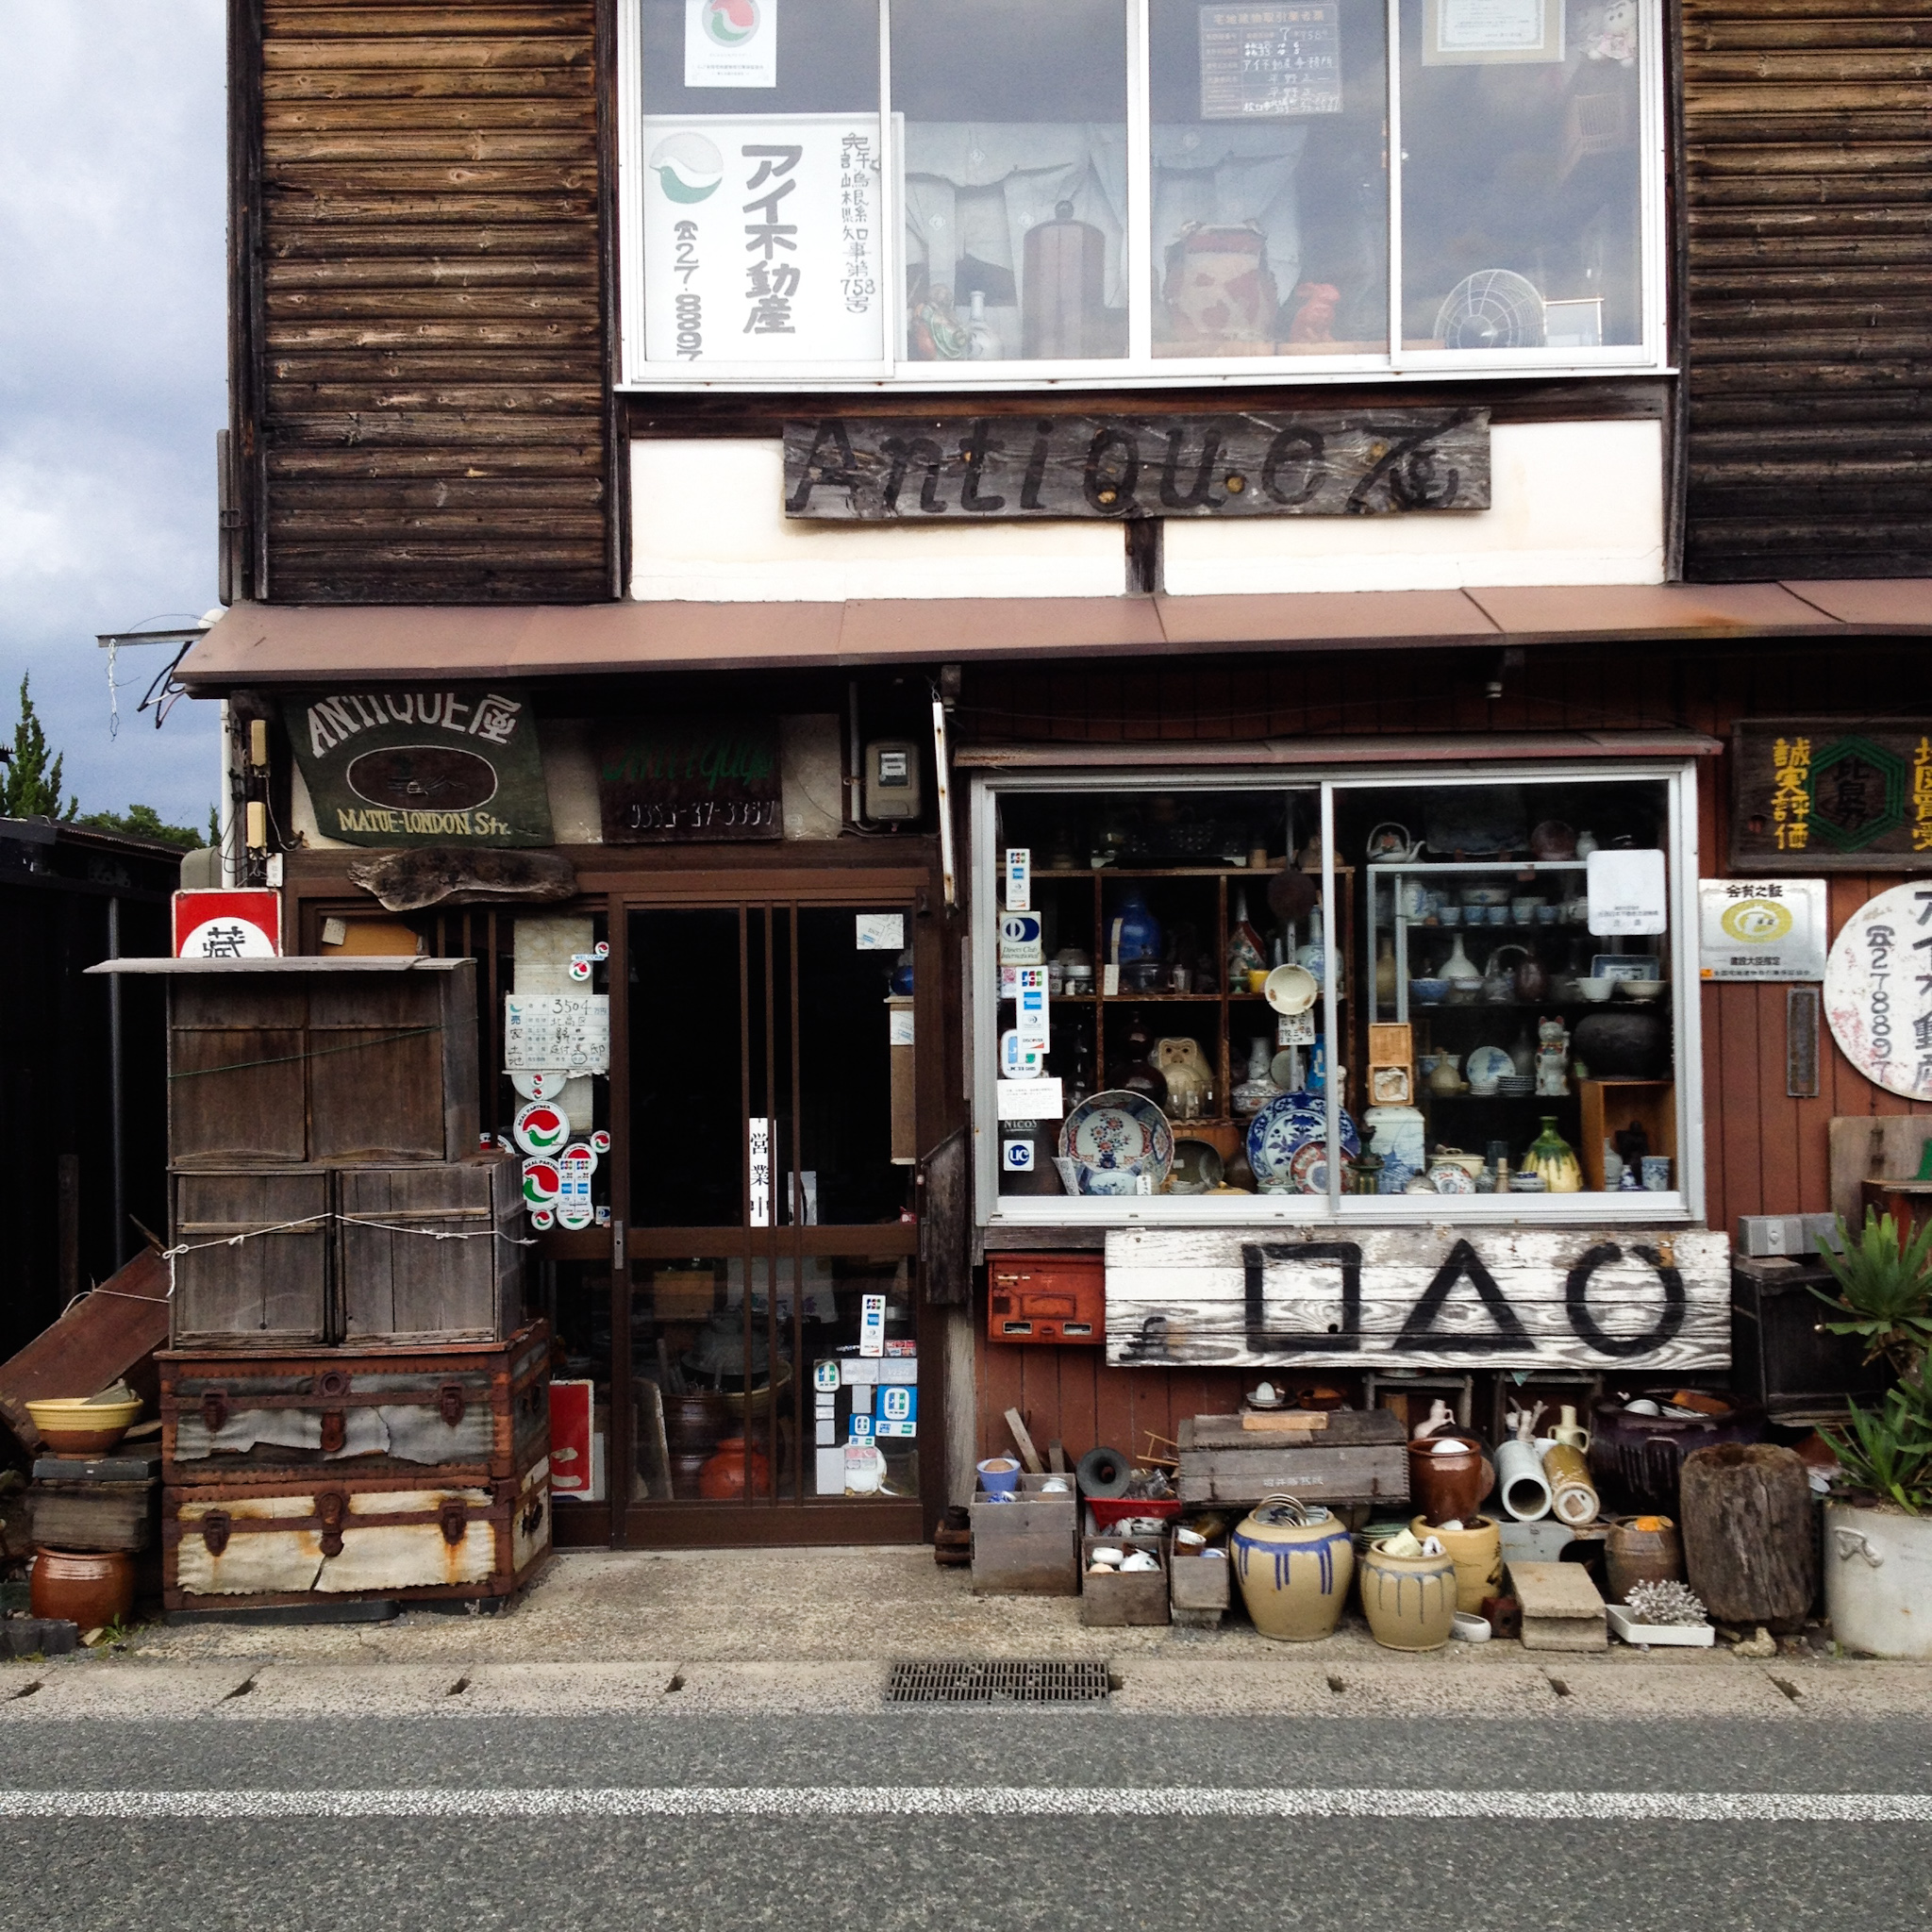 Trouvailles de Camille magasin japon antiquité vintage soie